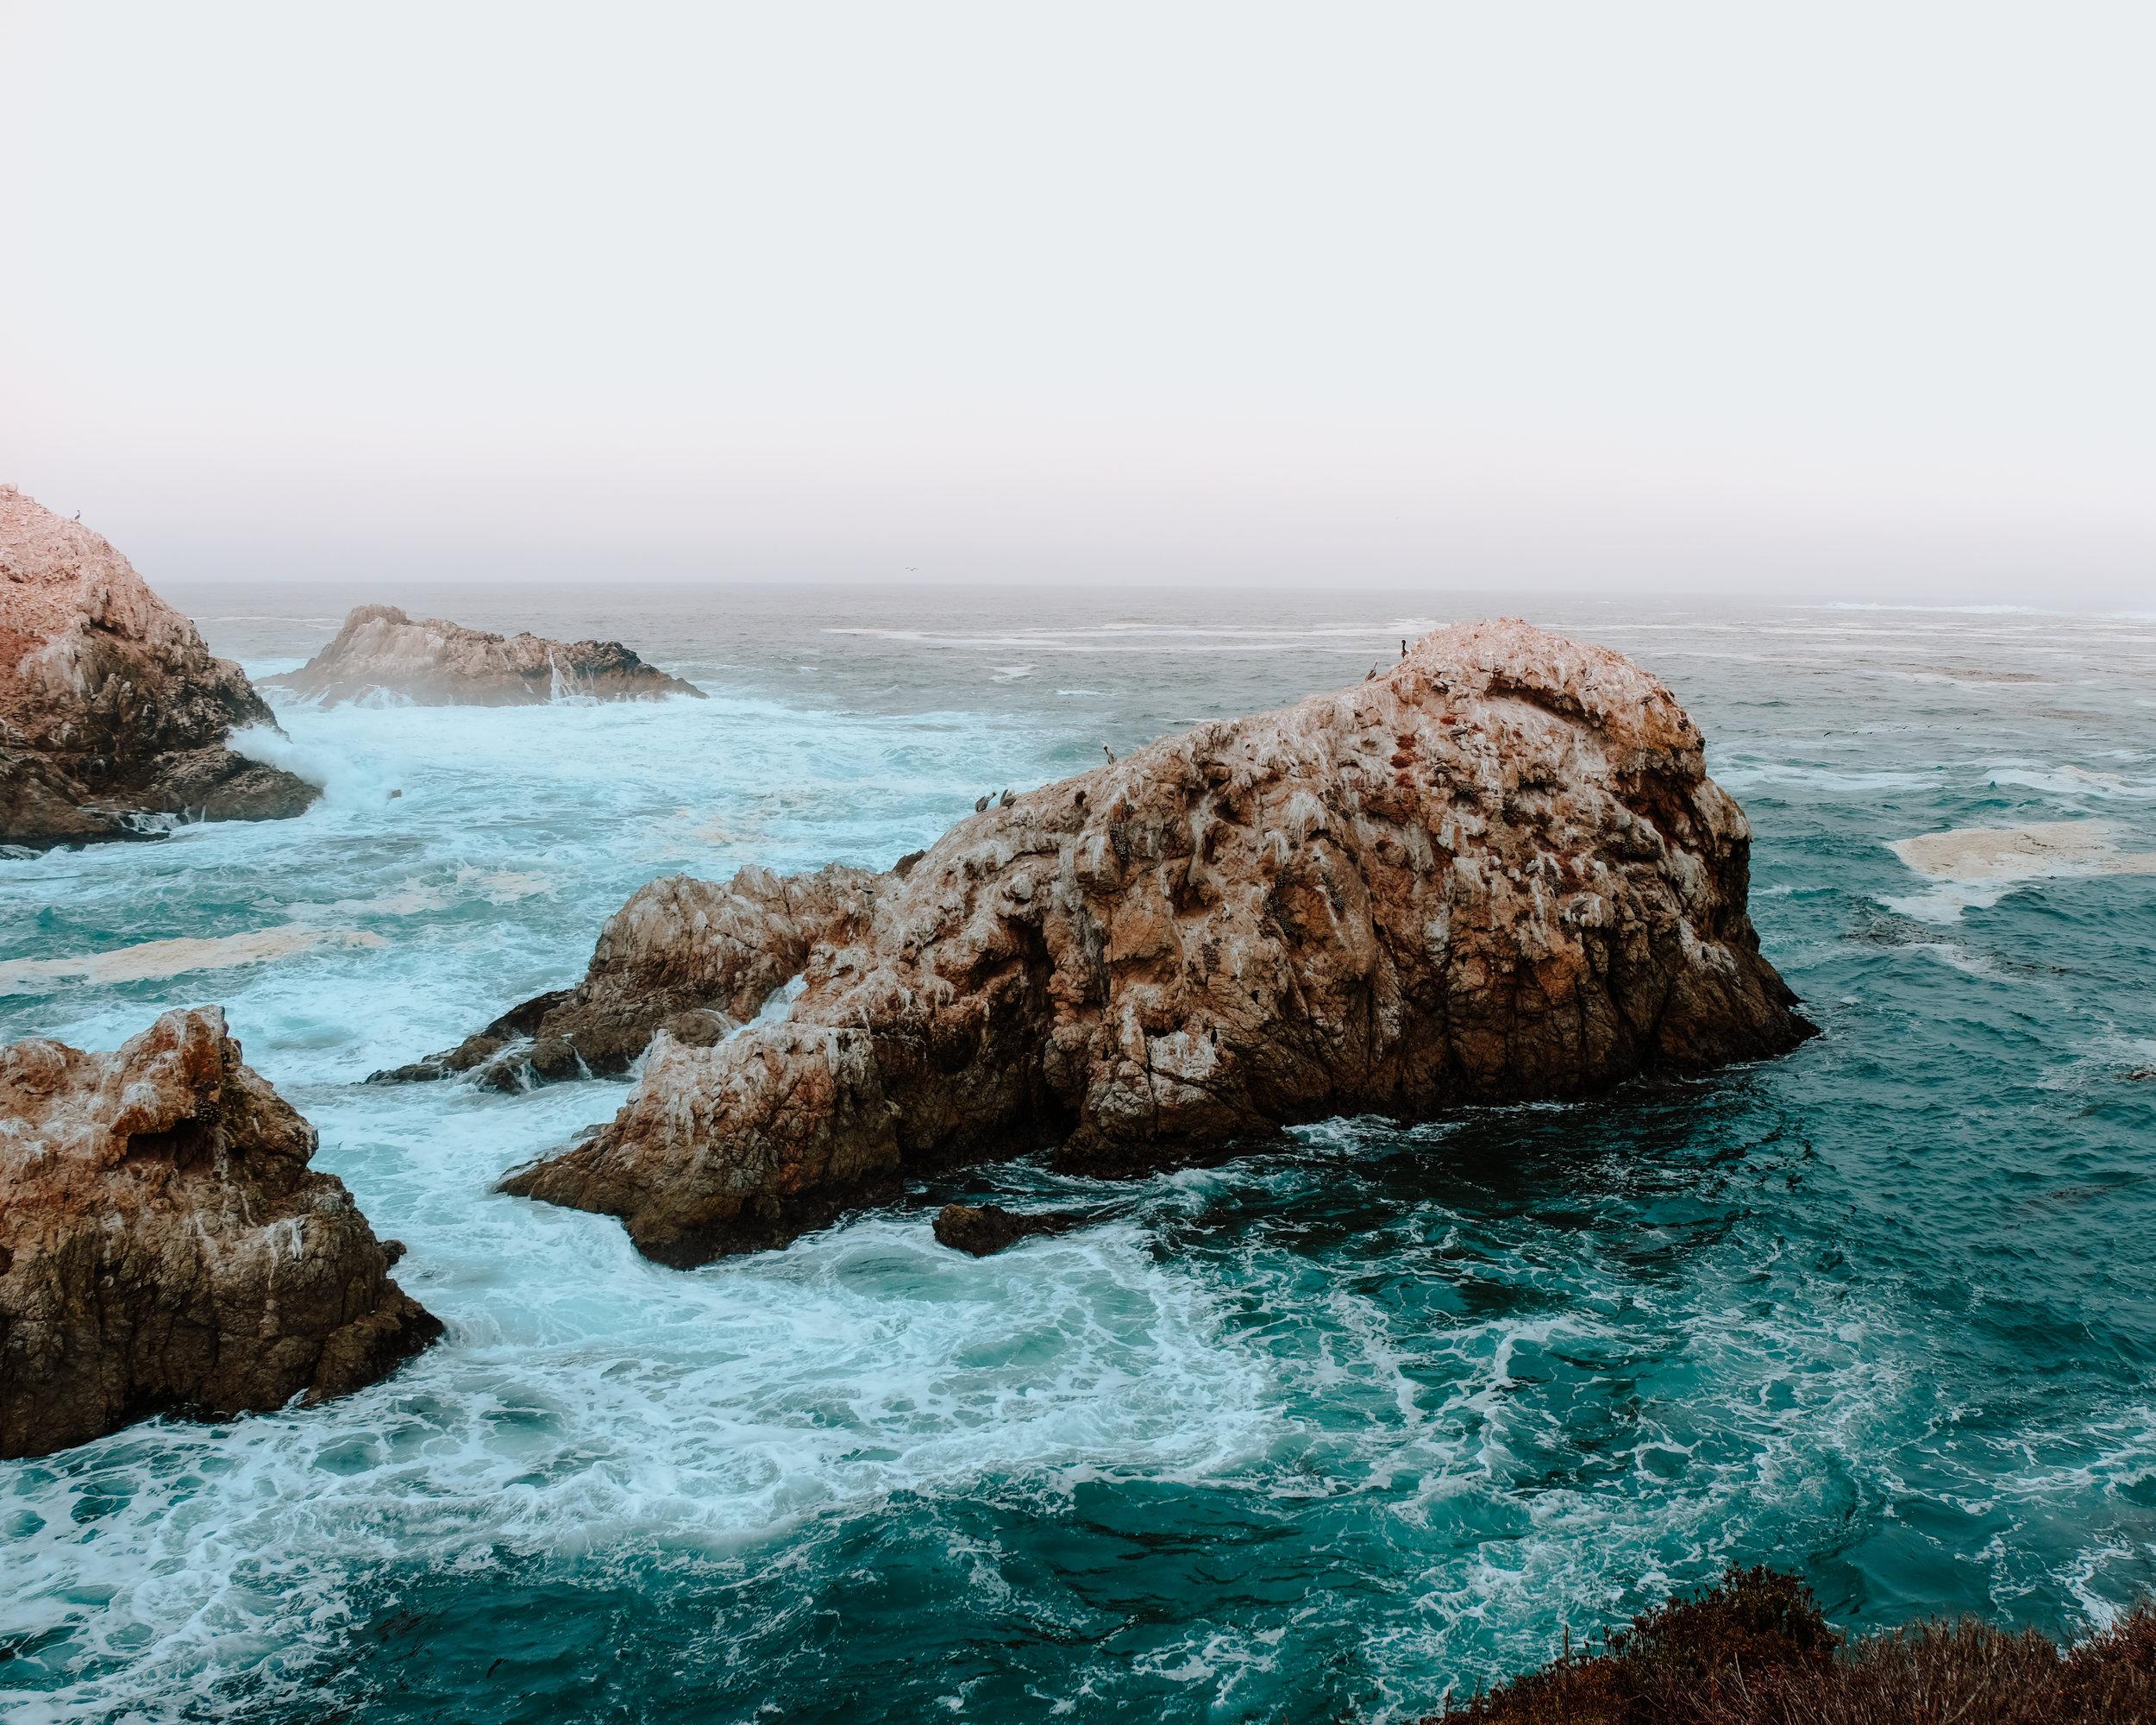 Pacific coast in Big Sur, California | Cedar + Surf